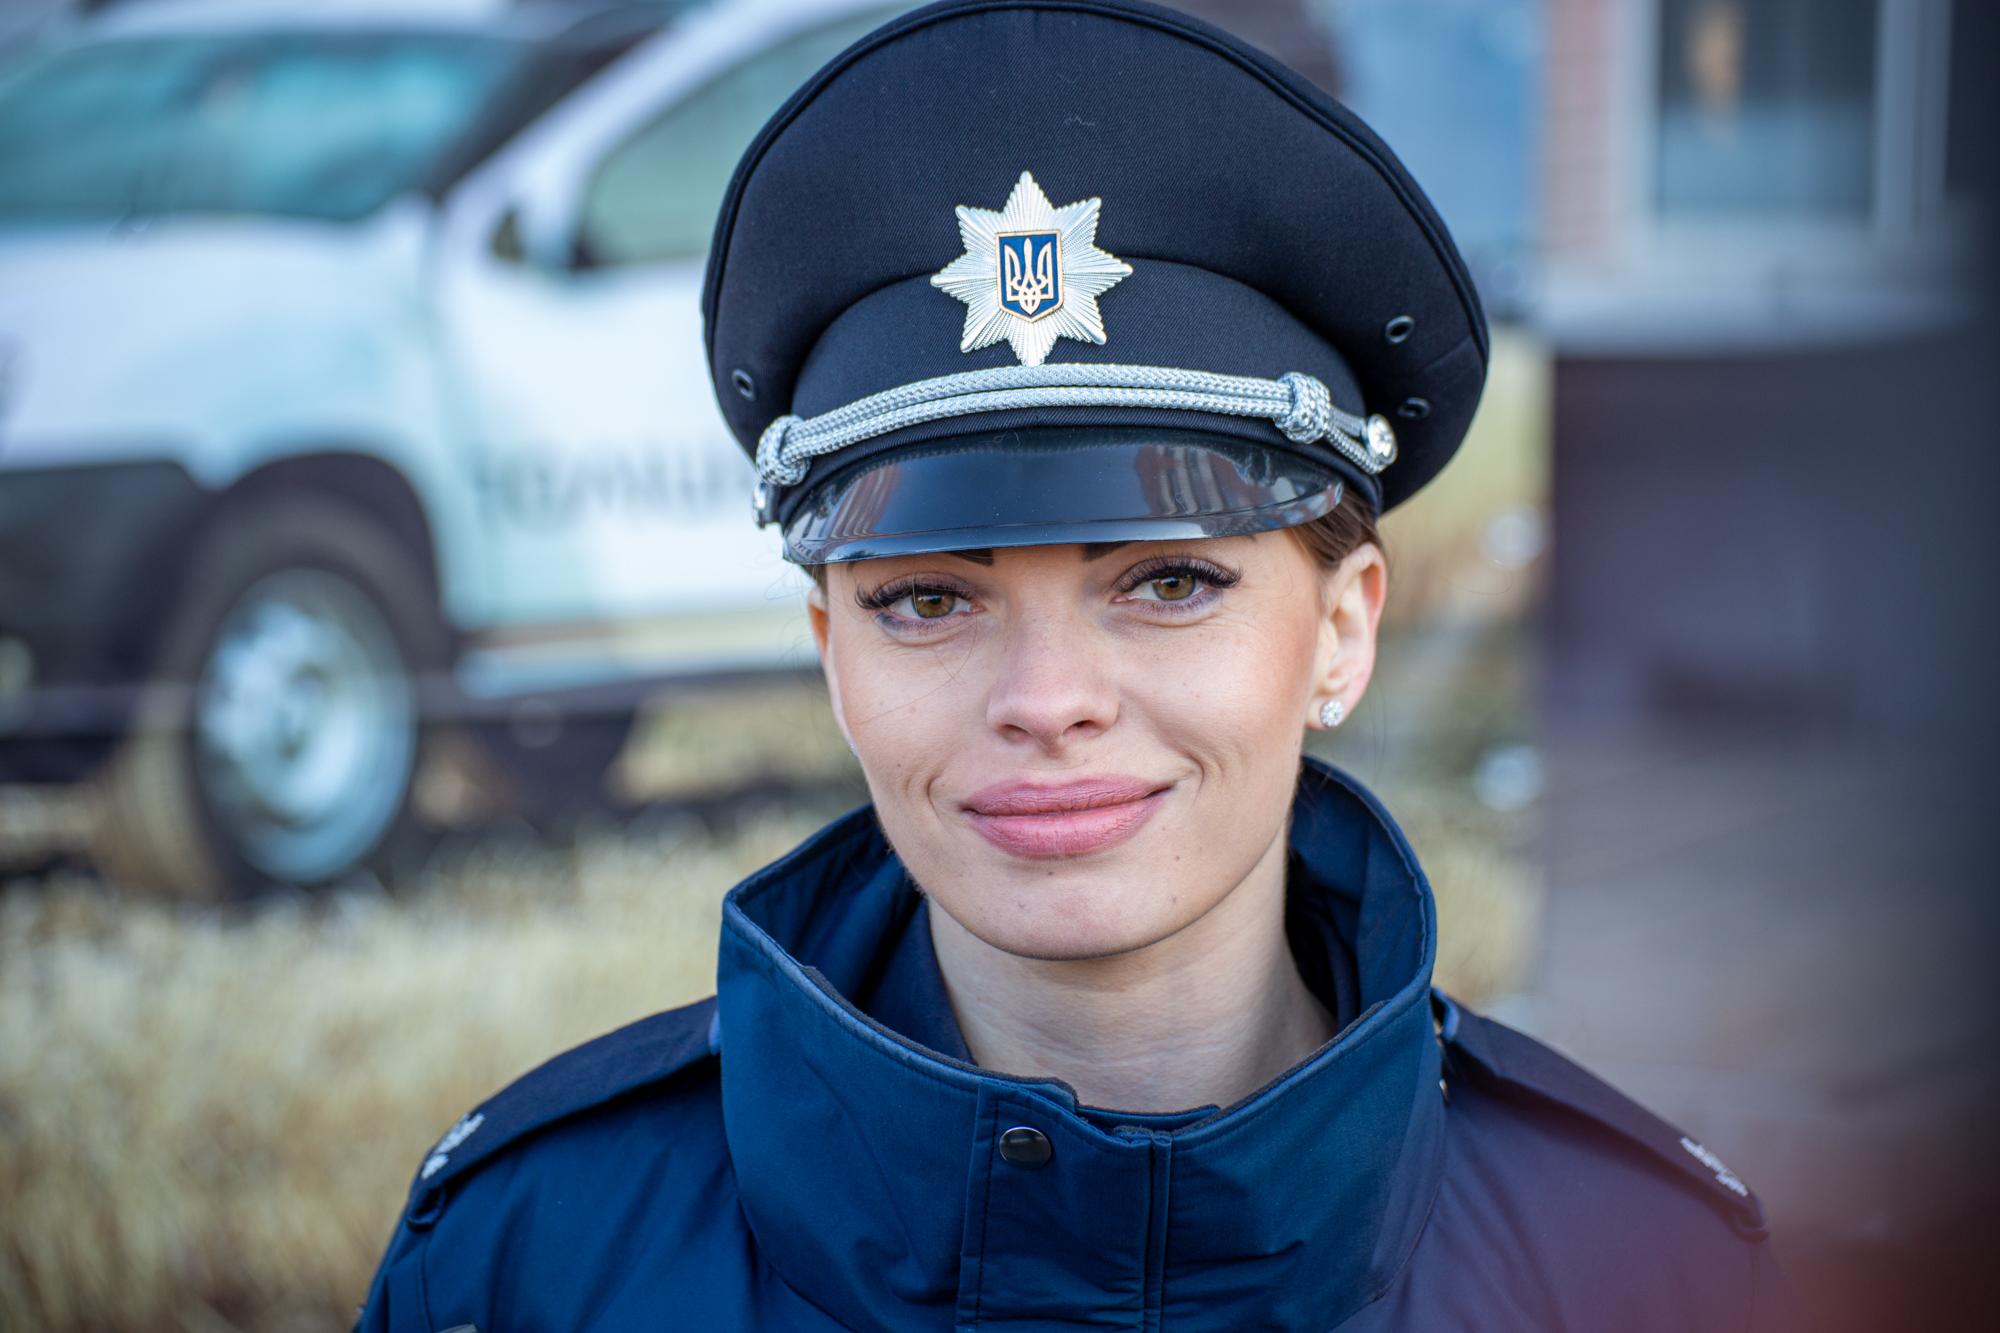 «Прагну до того, аби на вулицях нашої територіальної громади було безпечно», –поліцейська офіцер Слобожанської громади, майор Катерина Бідило